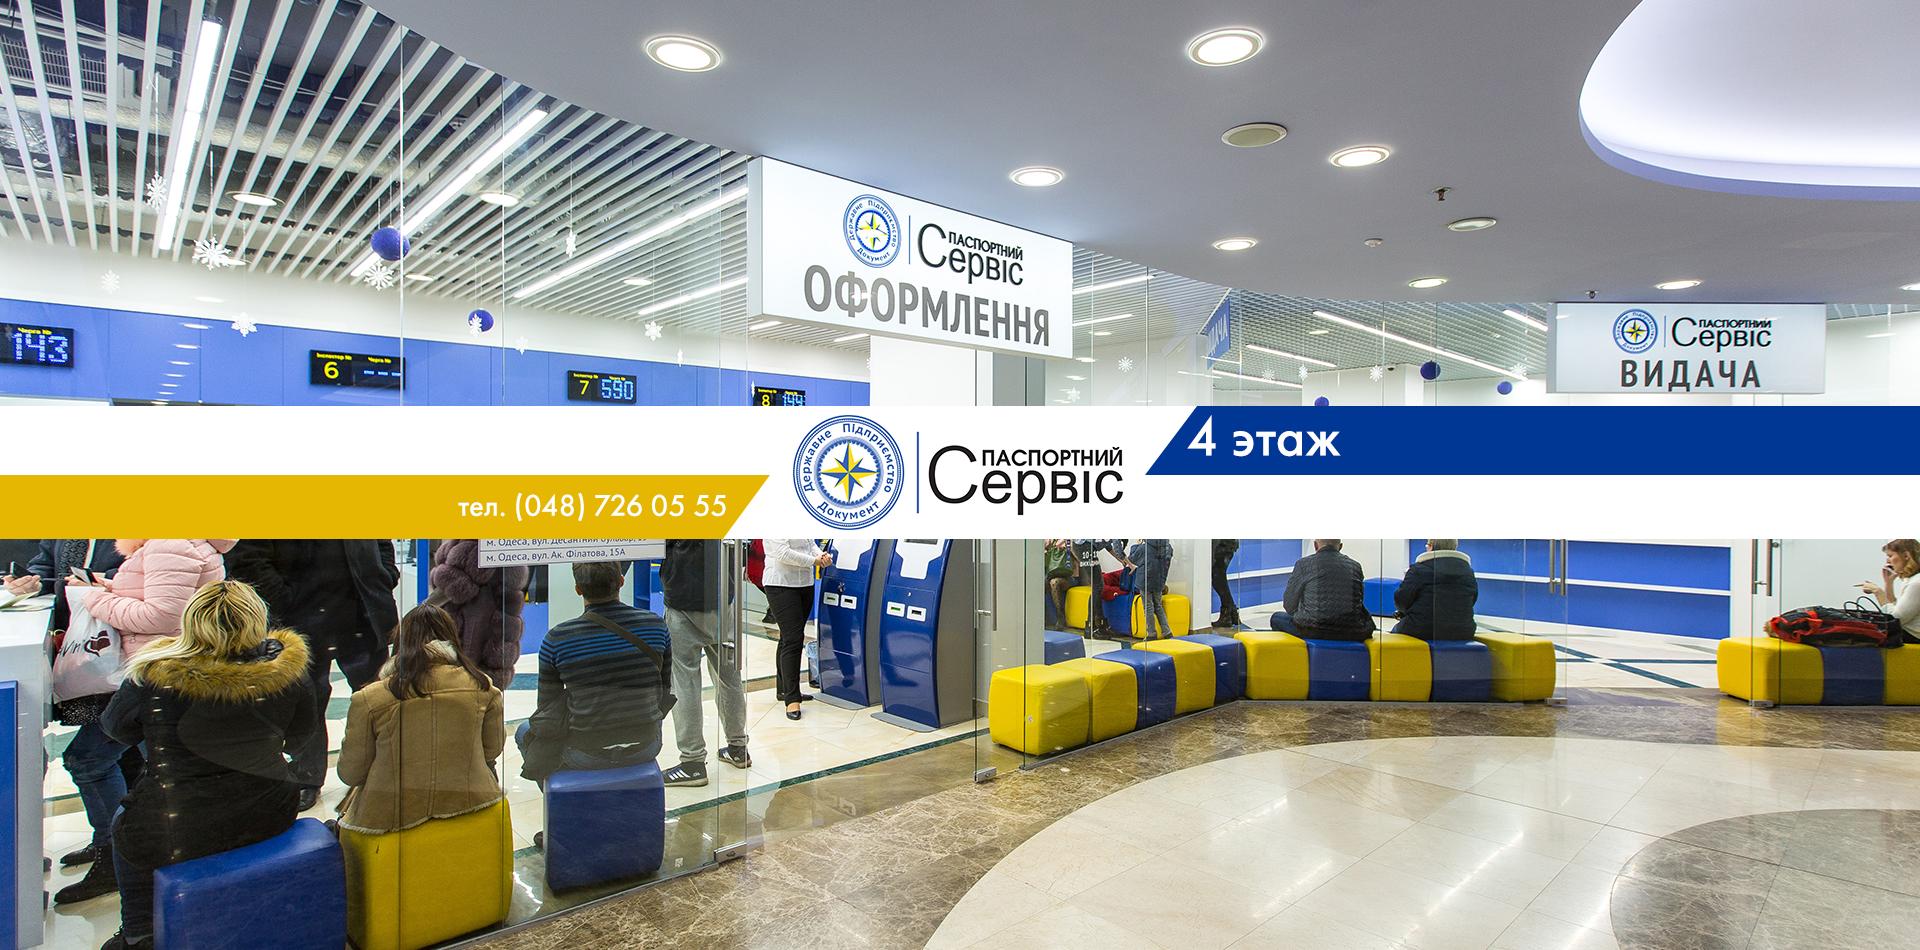 """Открытие ГП """"Центра обслуживания граждан"""""""